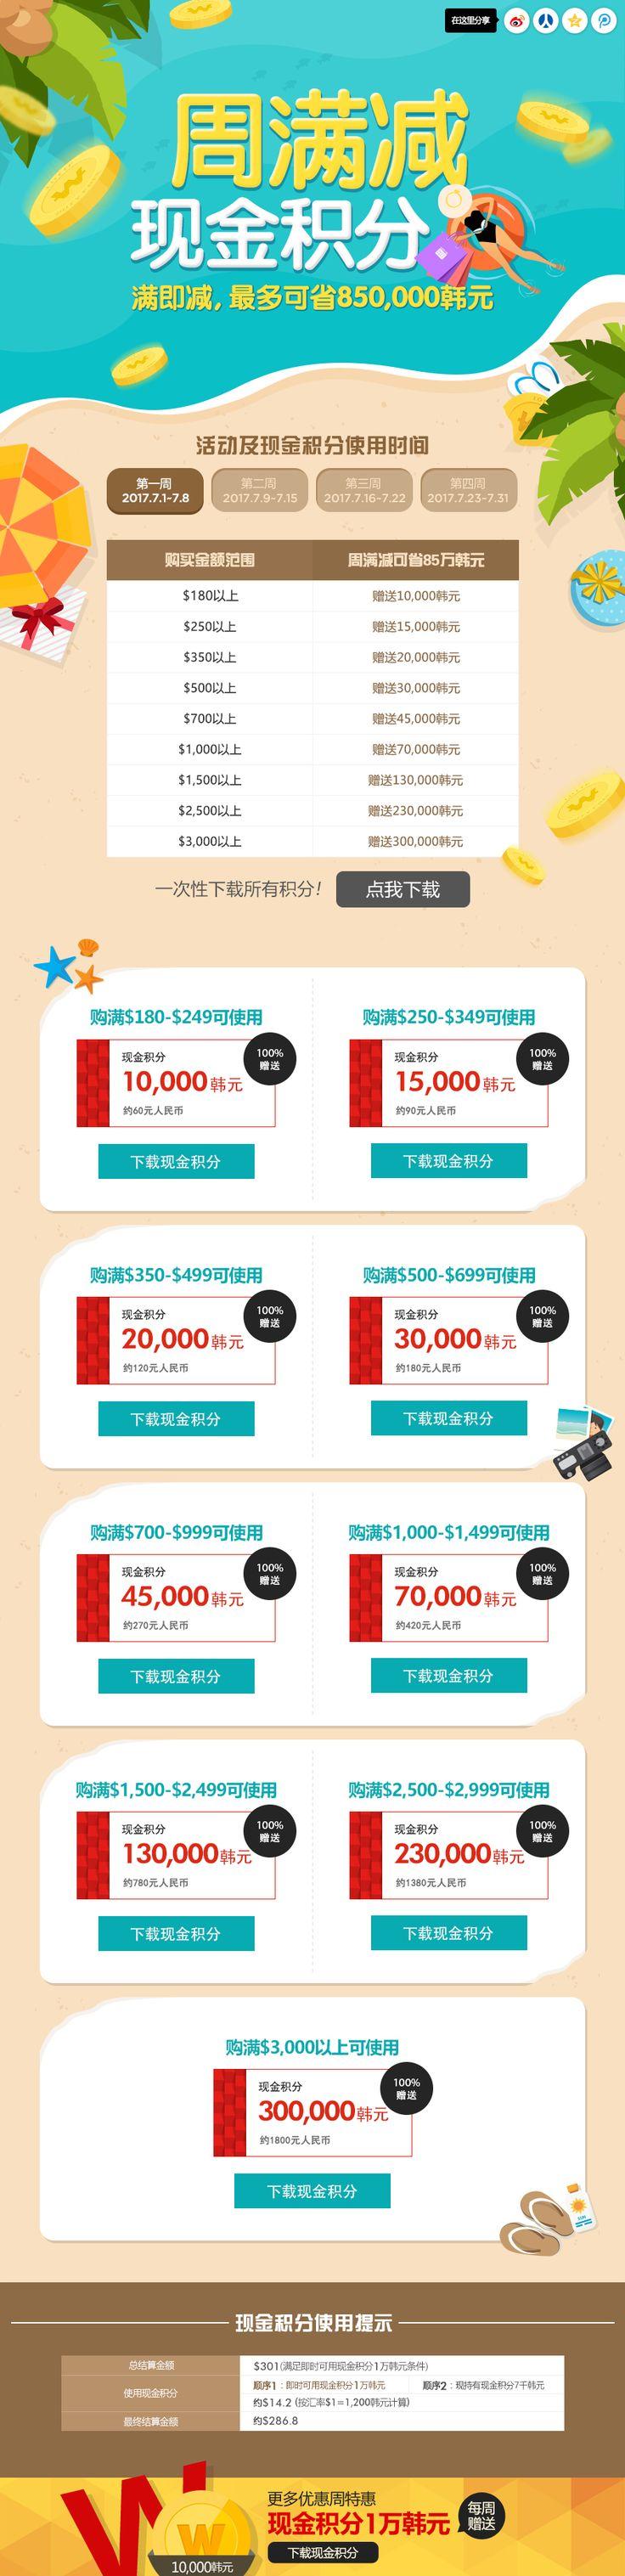 #2017년7월1주차 #중문 #7월 위클리 구매허들 85만원 #해변